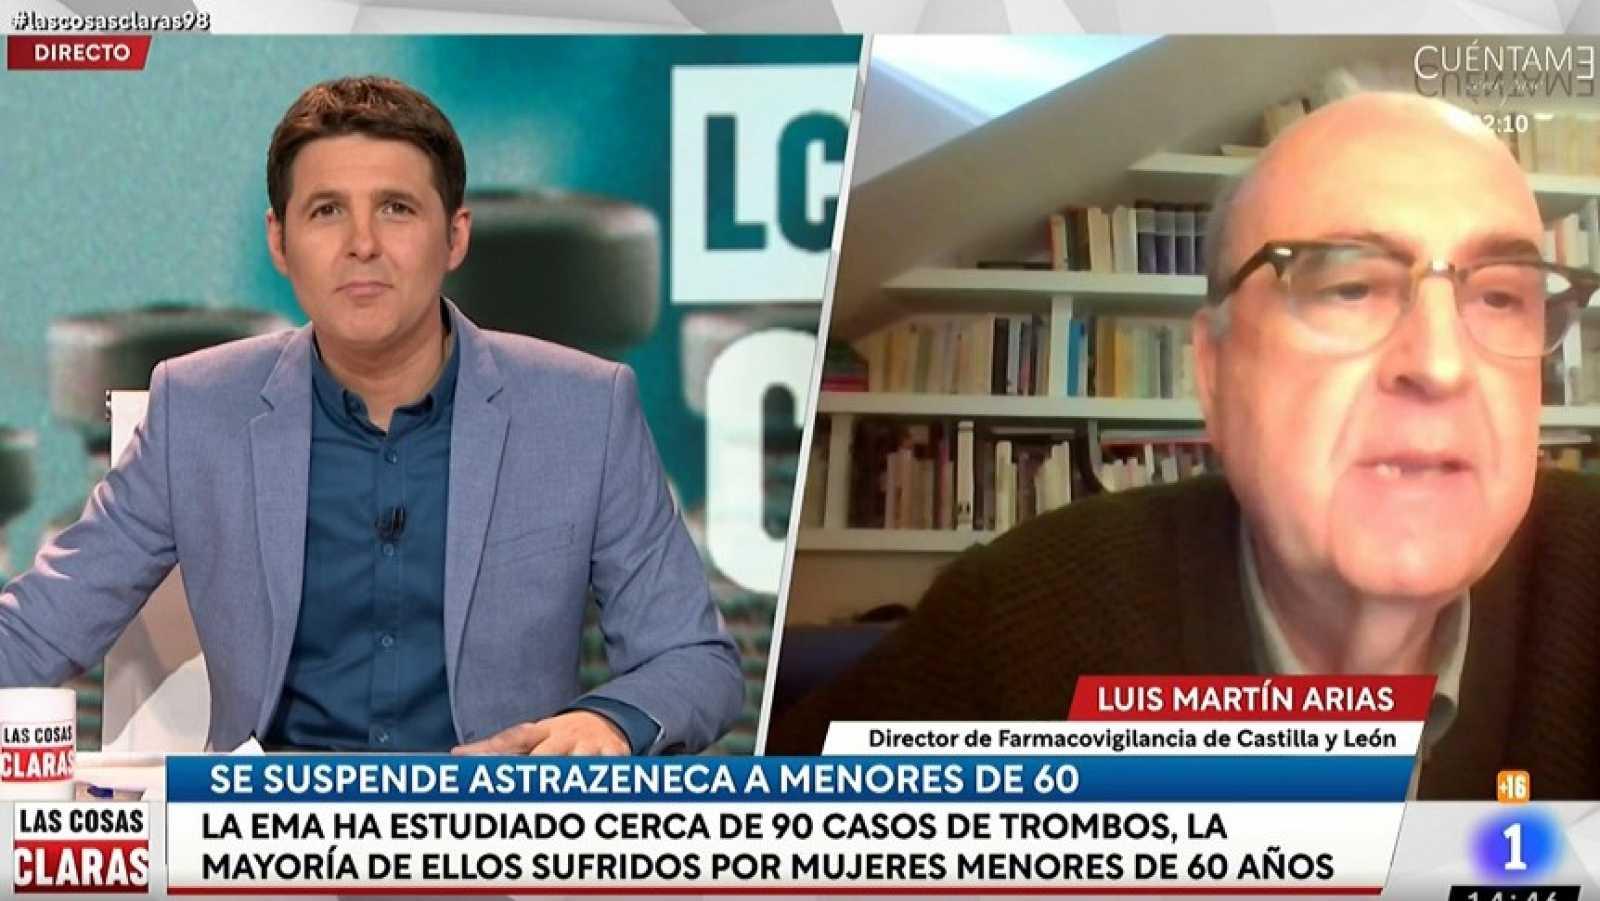 """Luis Martín, director de Farmacovigilancia en Castilla y León, confirma que """"el tromboembolismo es más frecuente en mujeres en edad fértil"""""""